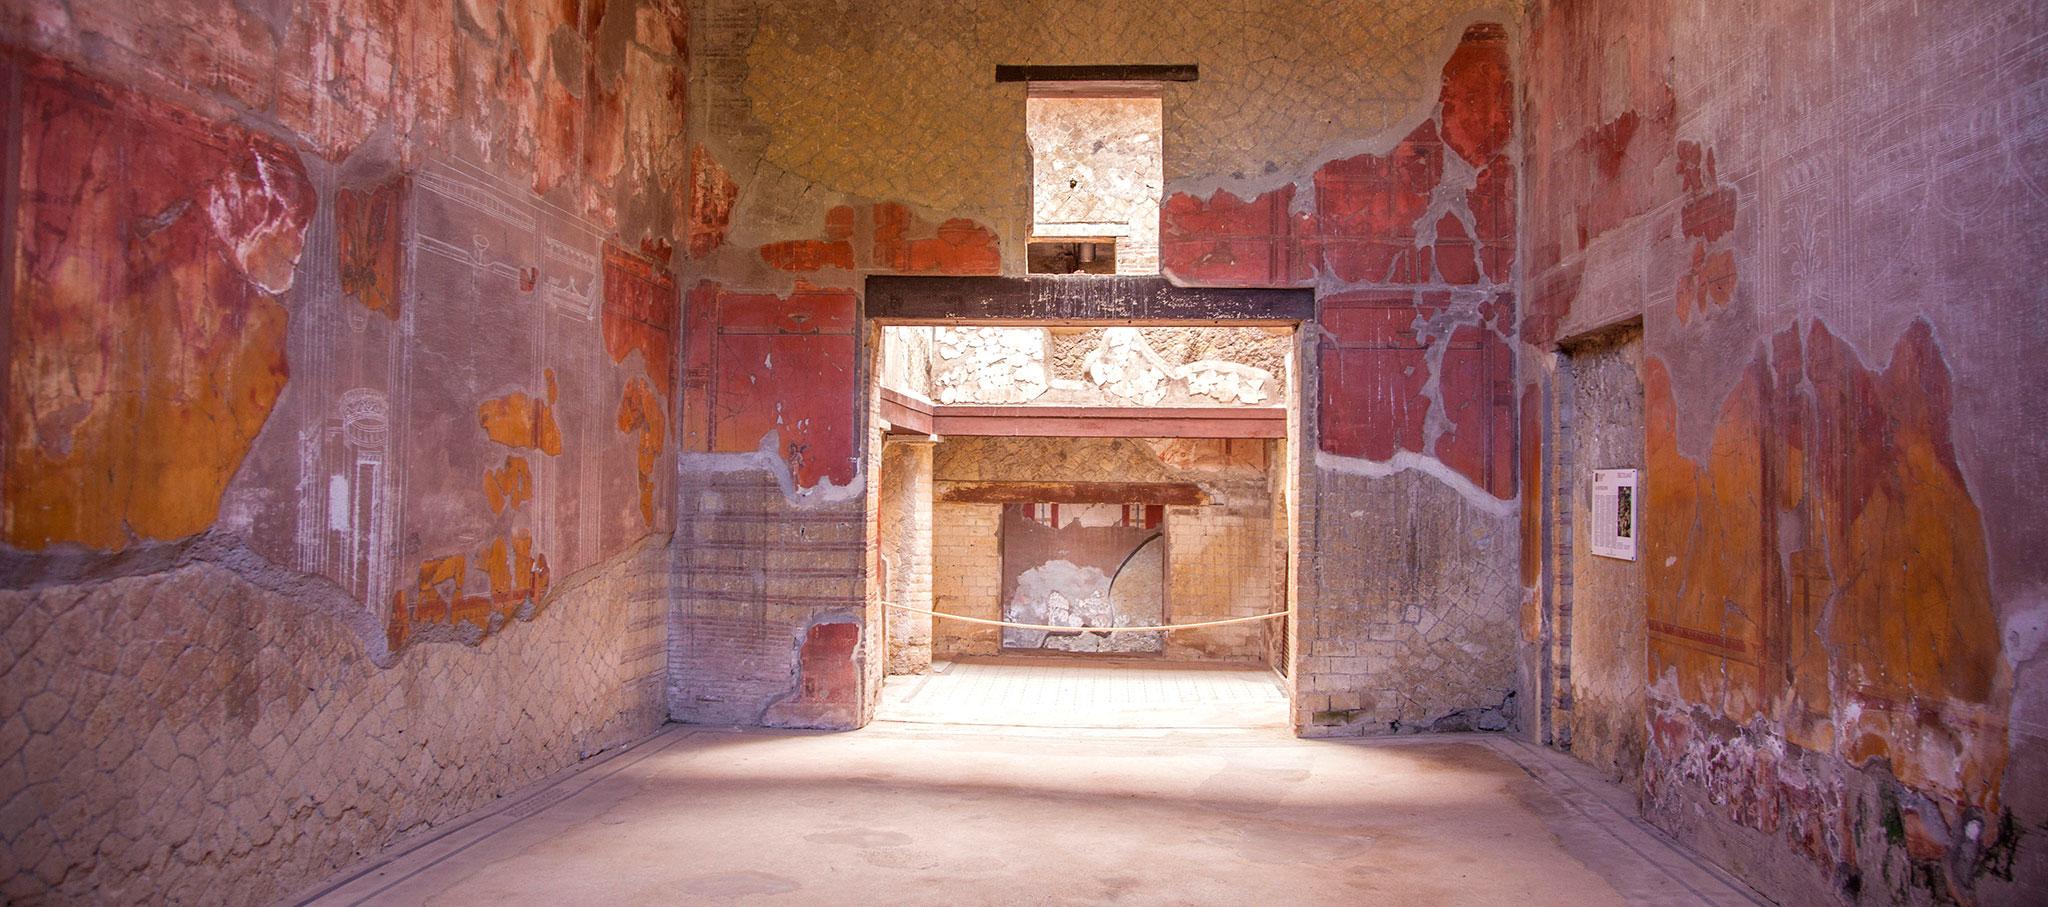 Opiniones de la tragaperra Pompeii en España-349